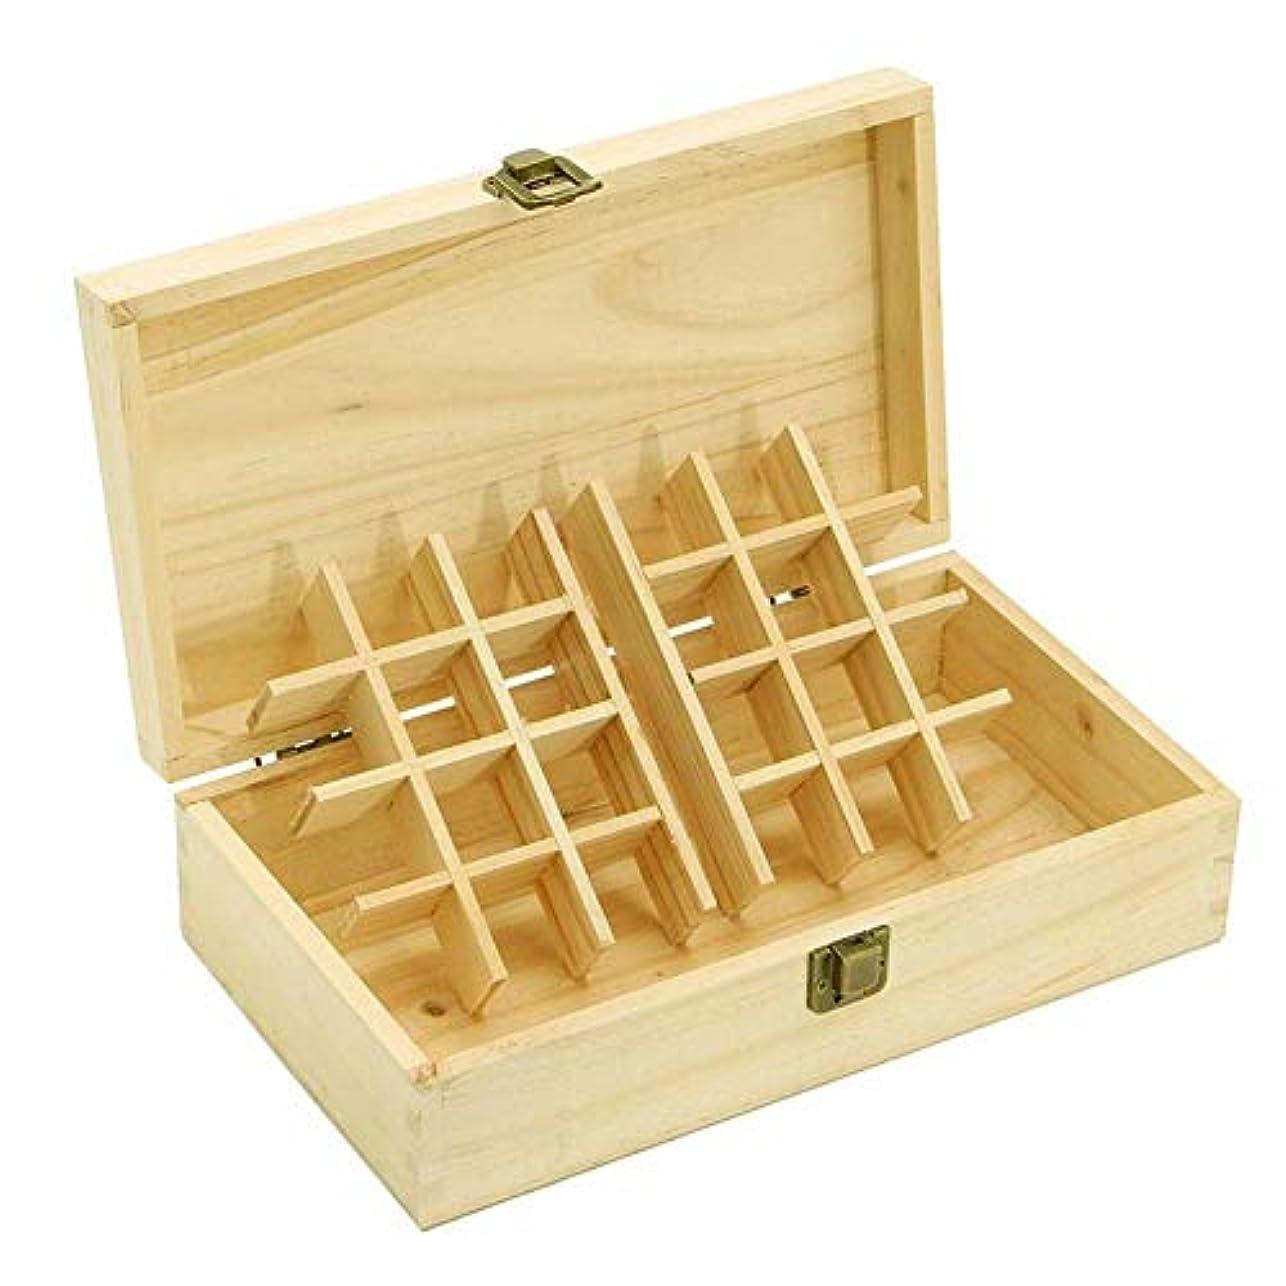 魚可能にする臨検エッセンシャルオイル収納ボックス 純木の精油の収納箱 香水収納ケース アロマオイル収納ボックス